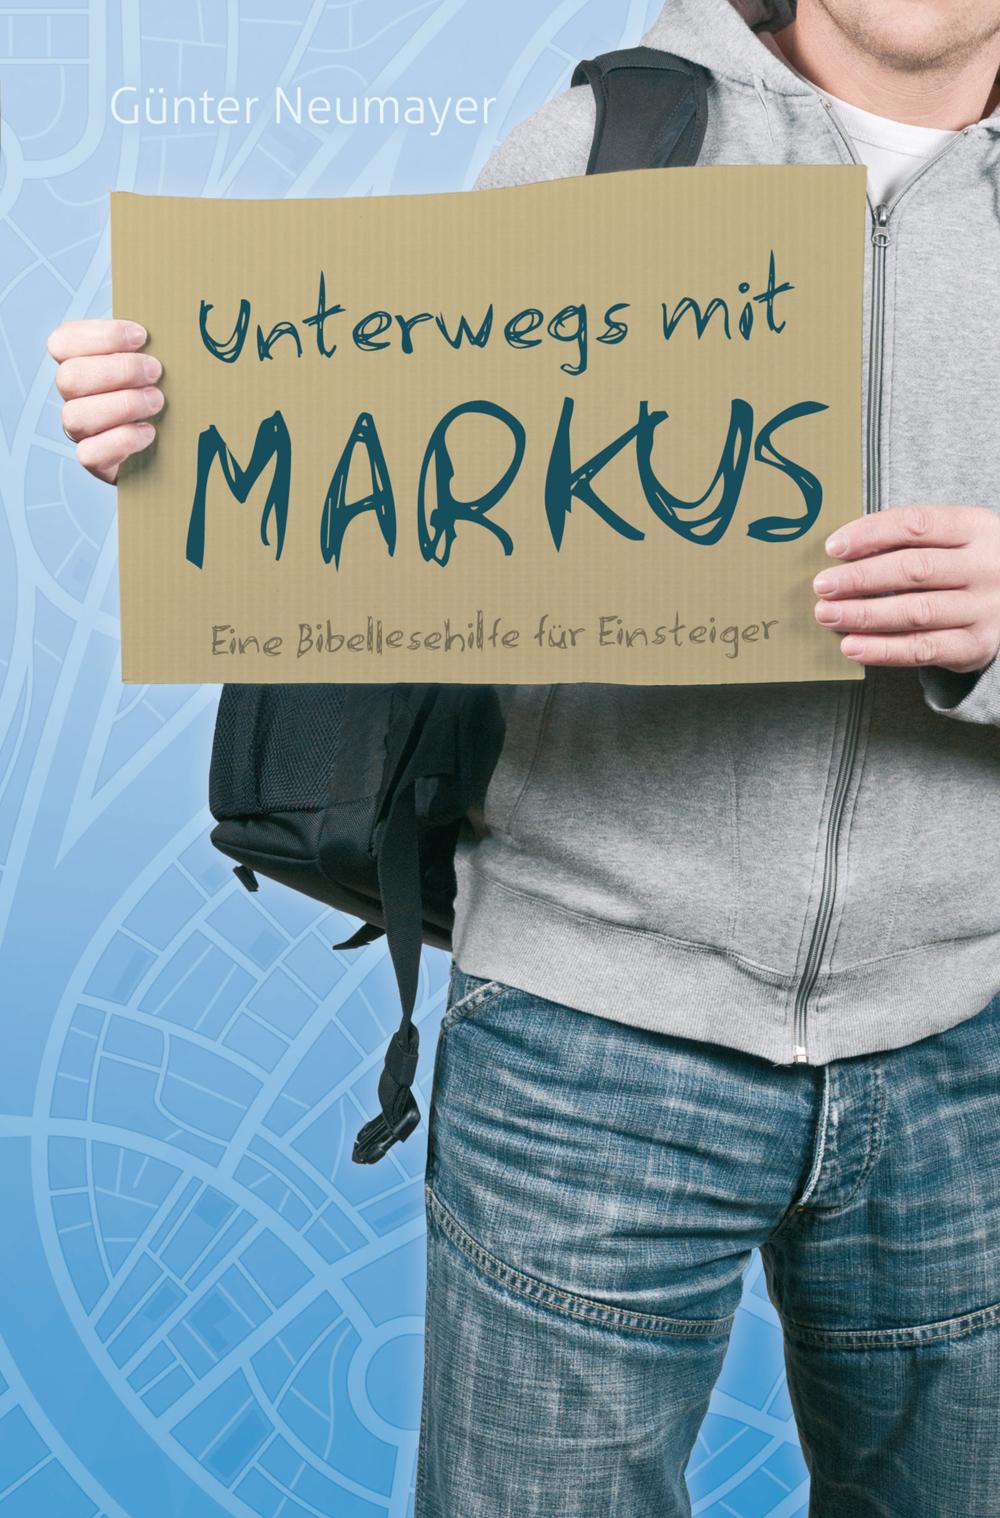 CLV_unterwegs-mit-markus_g-neumayer_256237_1